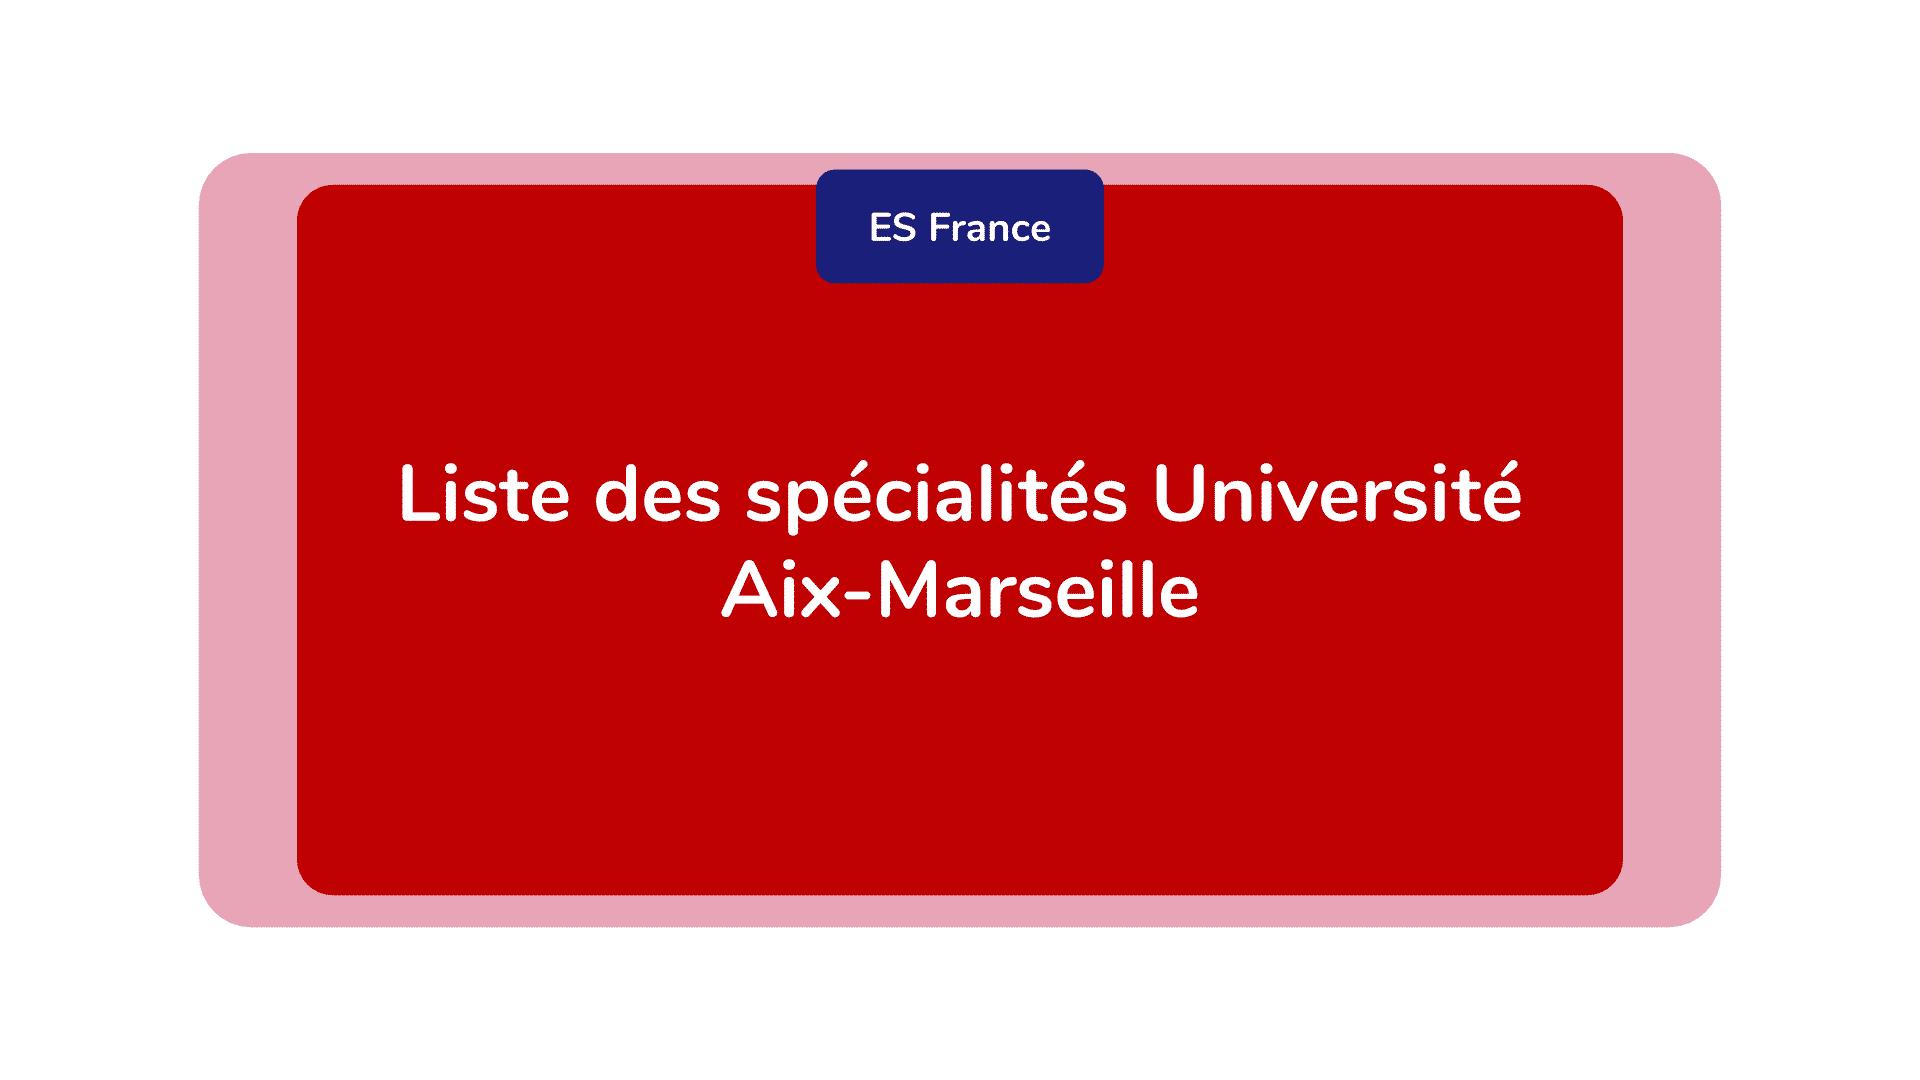 liste des spécialités Université Aix-Marseille